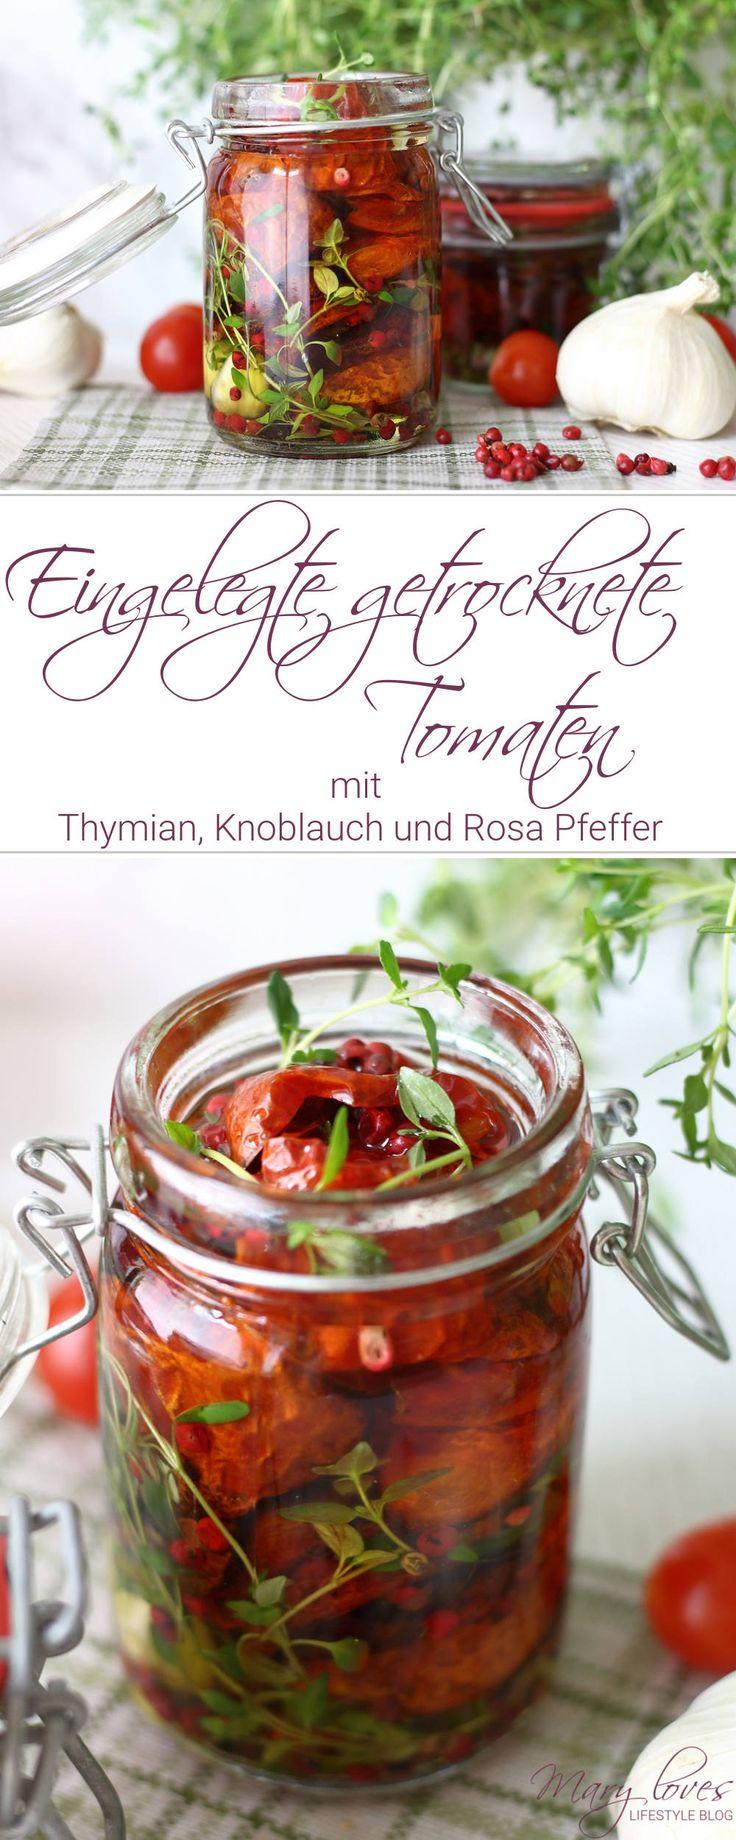 Rezept für eingelegte getrocknete Tomaten mit Thymian, Knoblauch und Rosa Pfeffer - getrocknete Tomaten selber in Öl einlegen